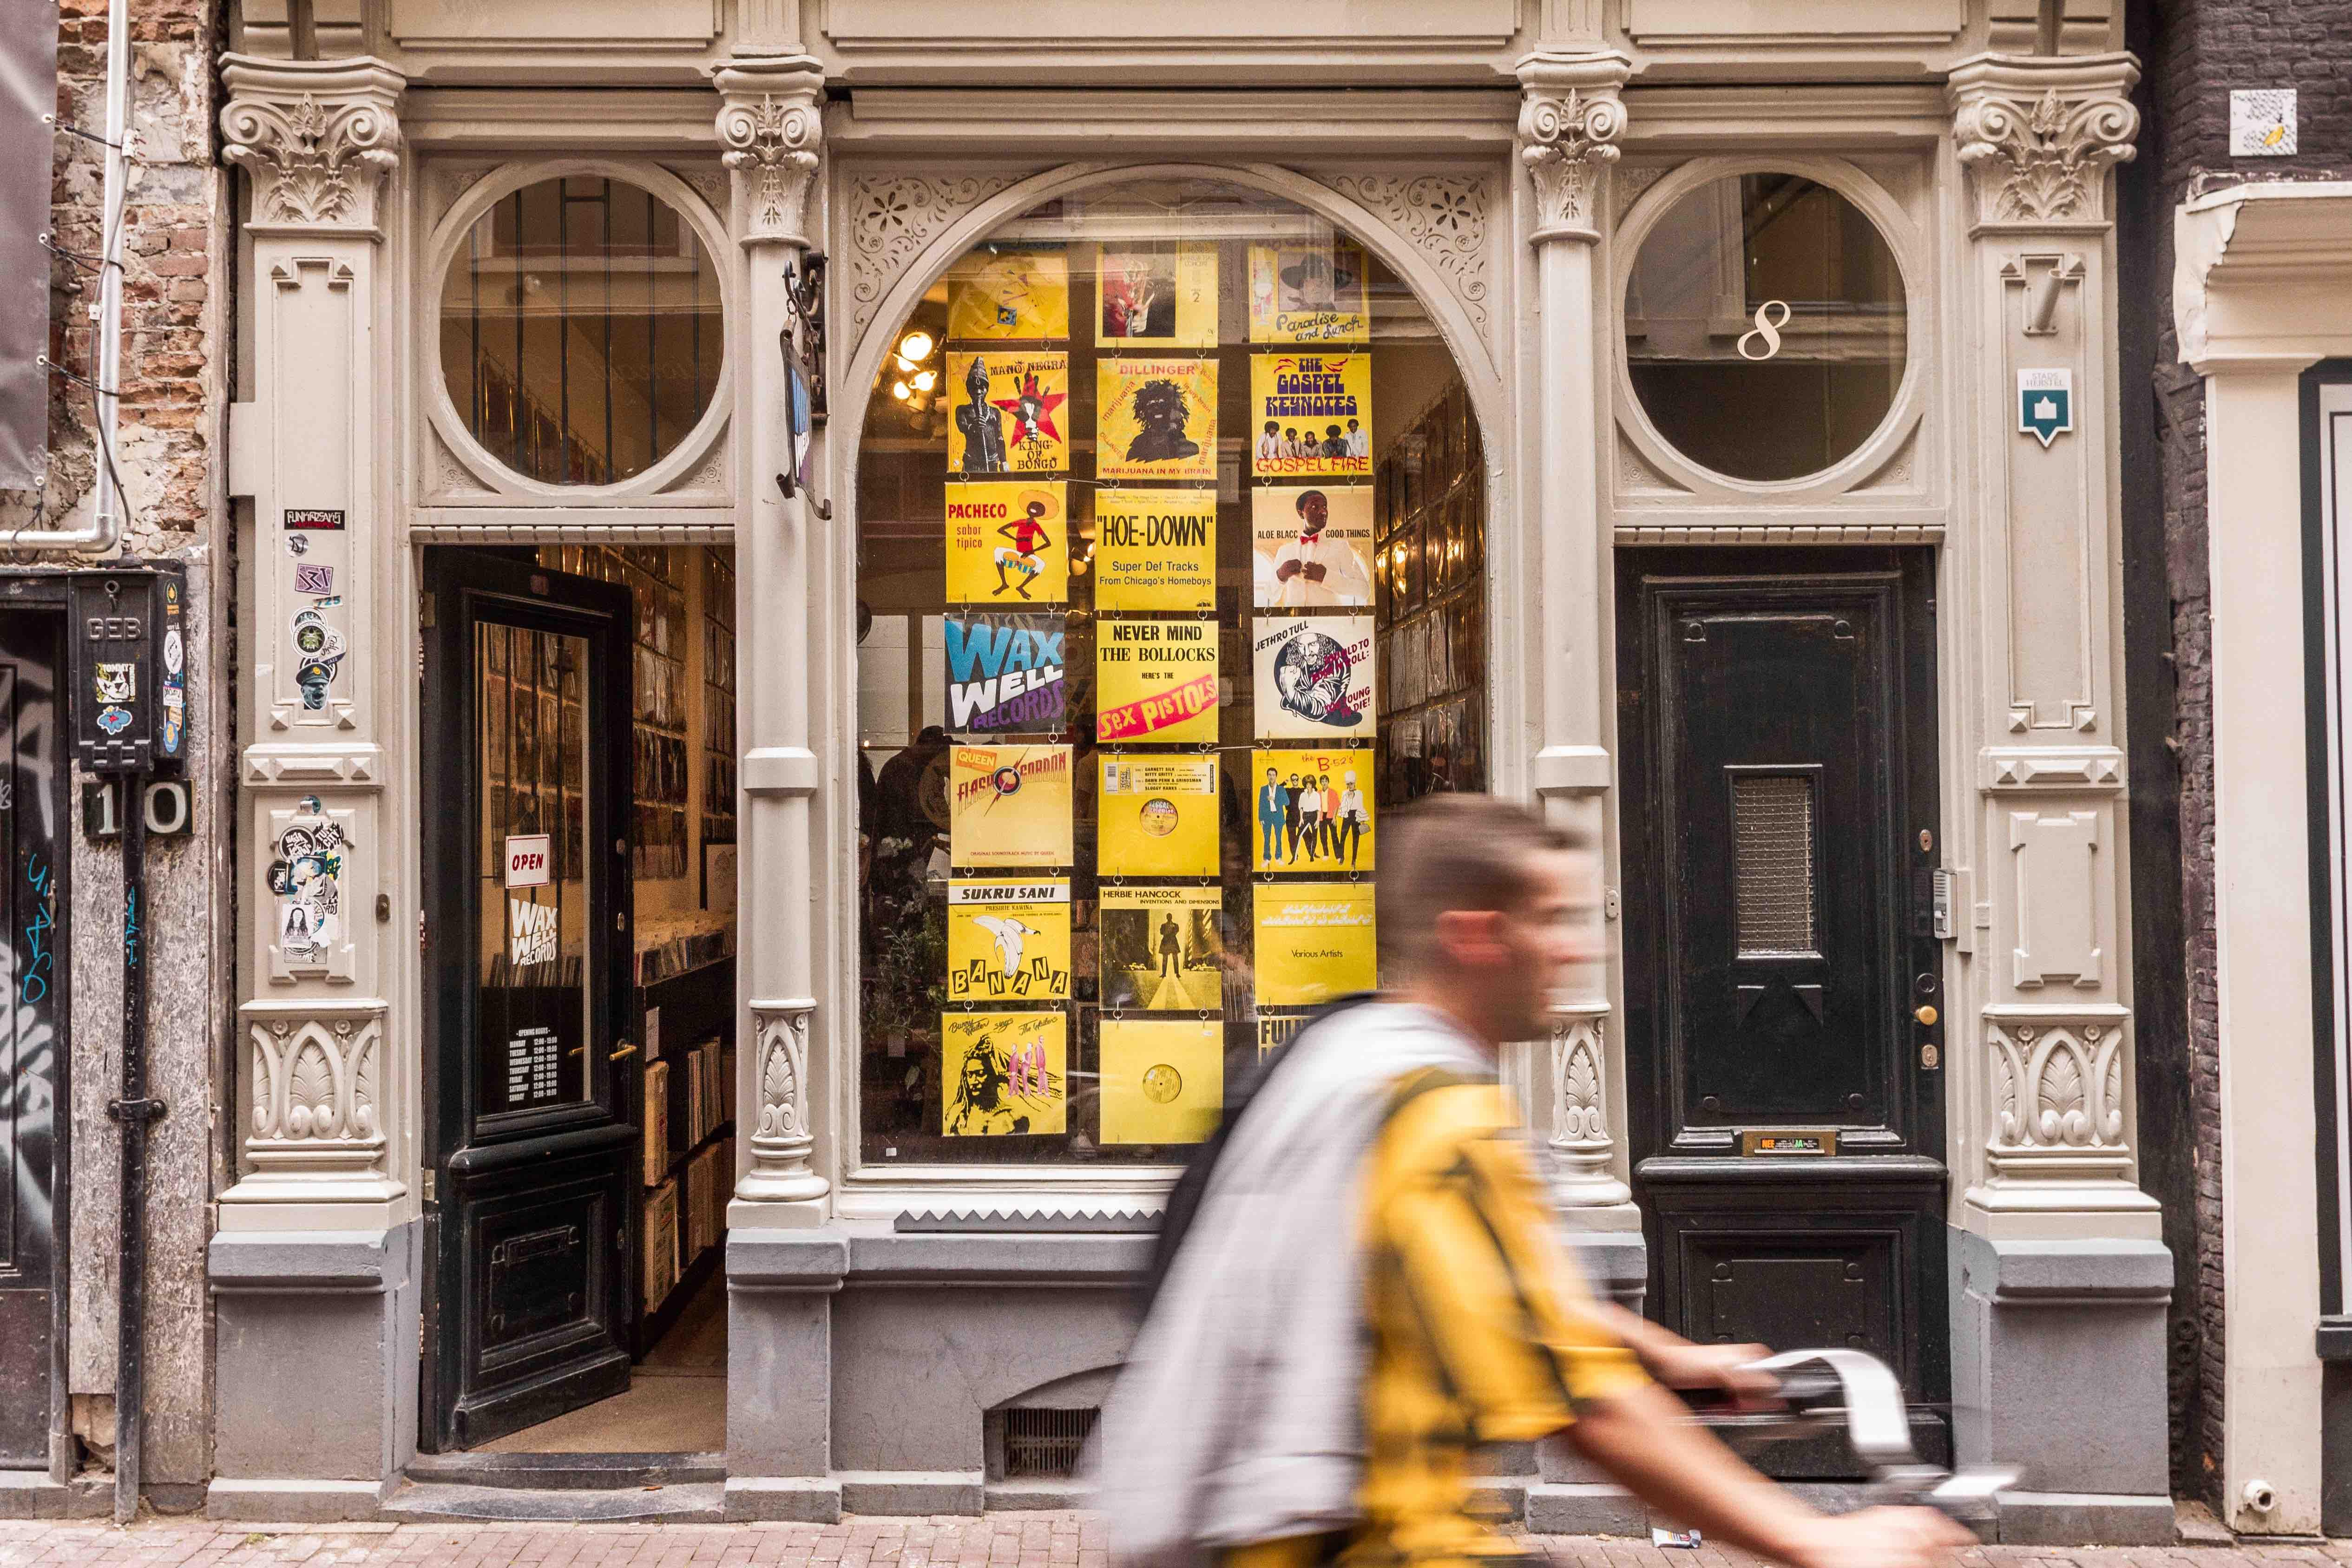 29 cose da vedere ad Amsterdam: facciata del negozio Waxwell